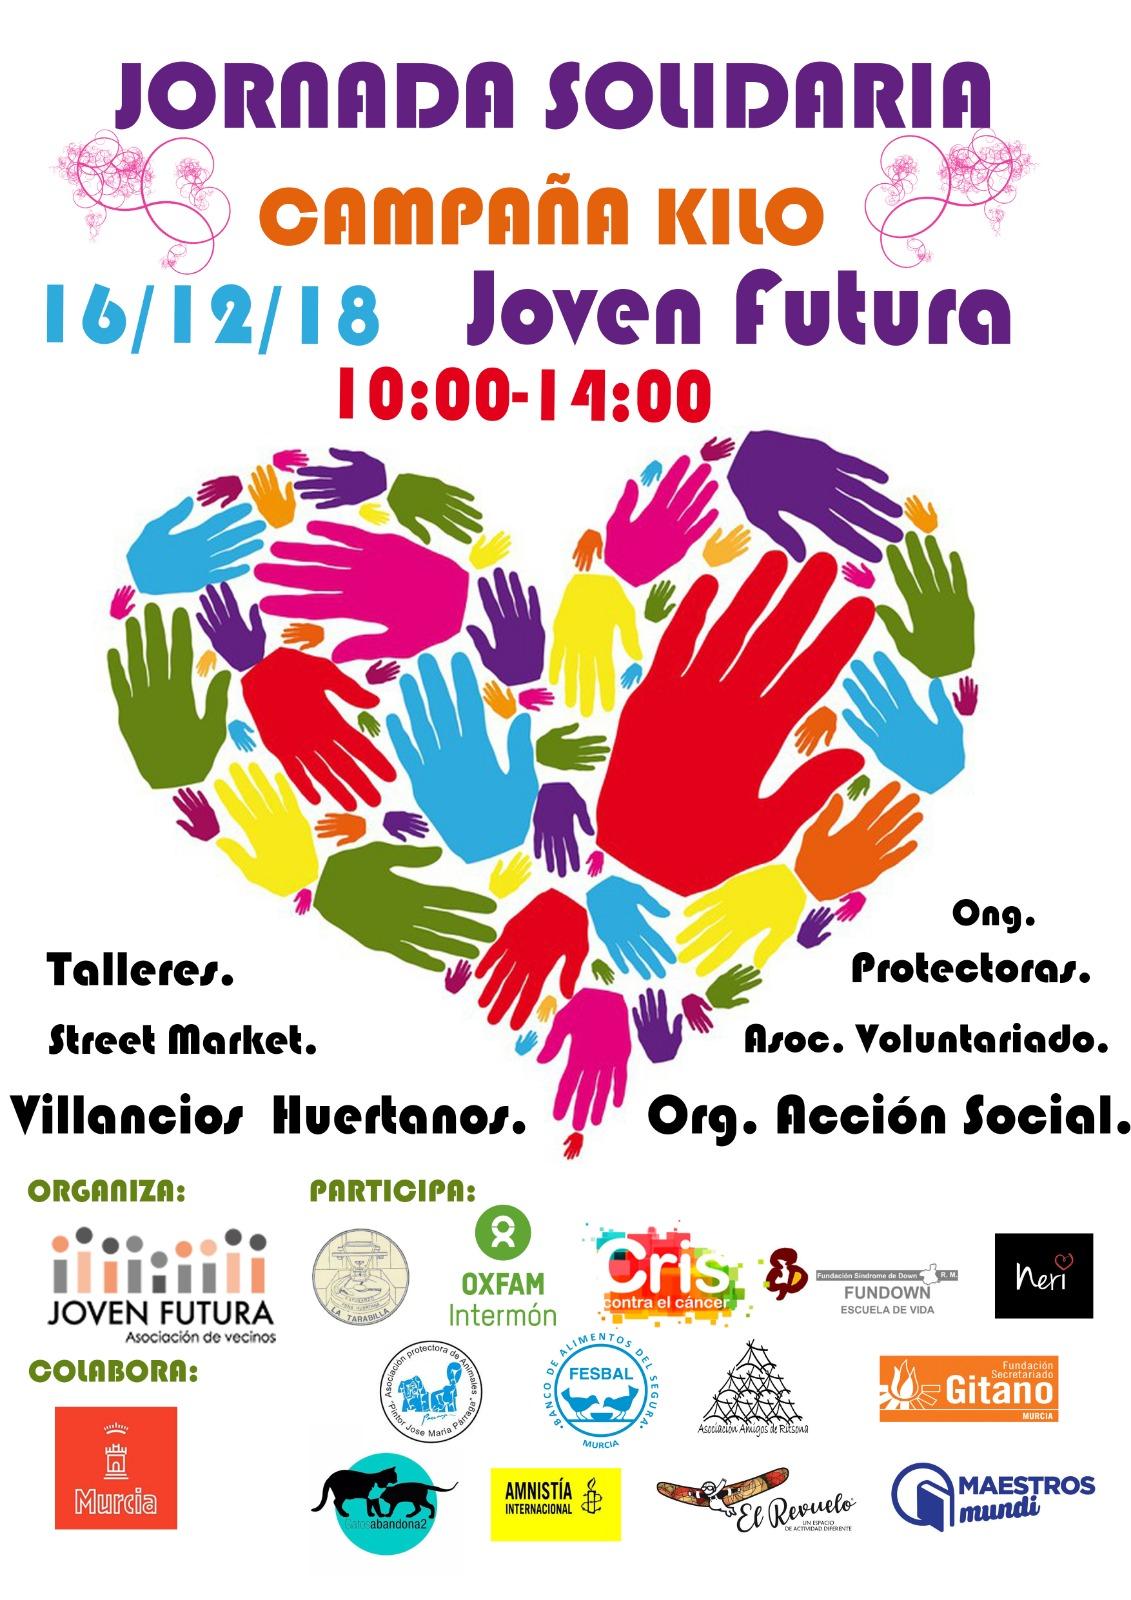 2018-12-16 Cartel Jornada Solidaria Joven Futura, Campaña Kilo 2018